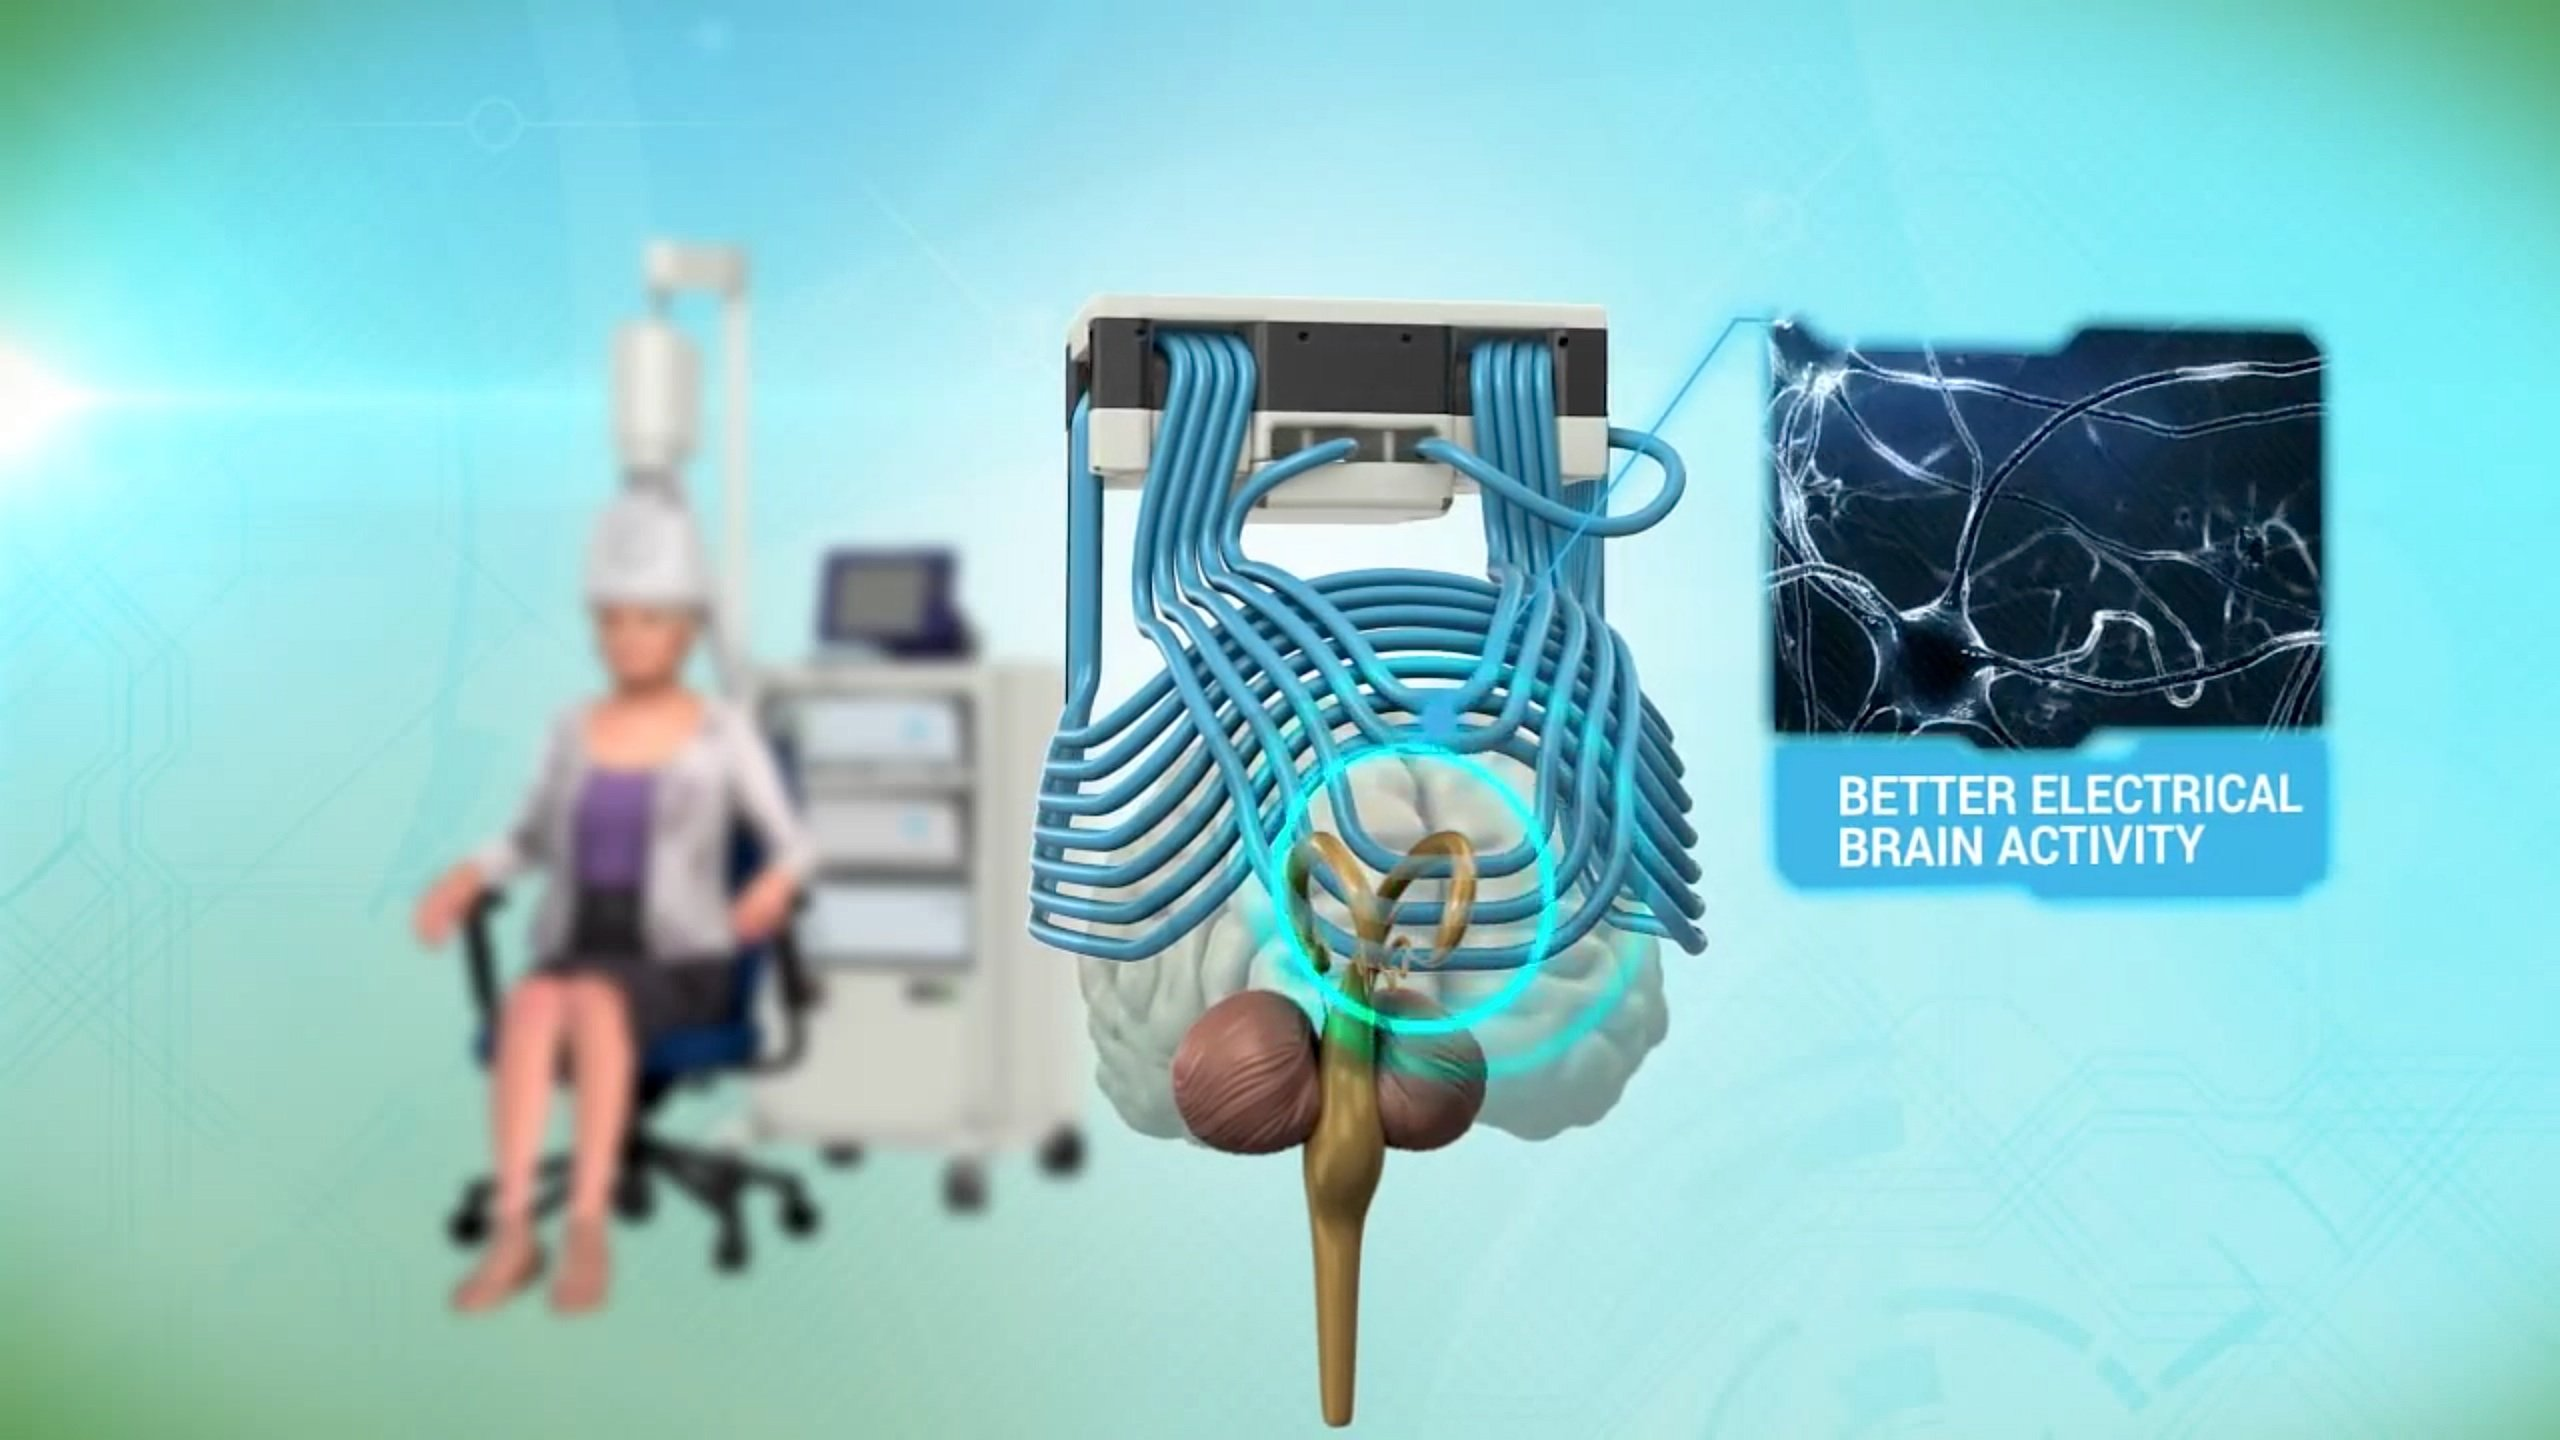 Eine Spule erzeugt an den zu behandelnden Hirnpartien Magnetfelder. Zudem werden die Hirnzellen durch leichte Stromstöße angeregt.